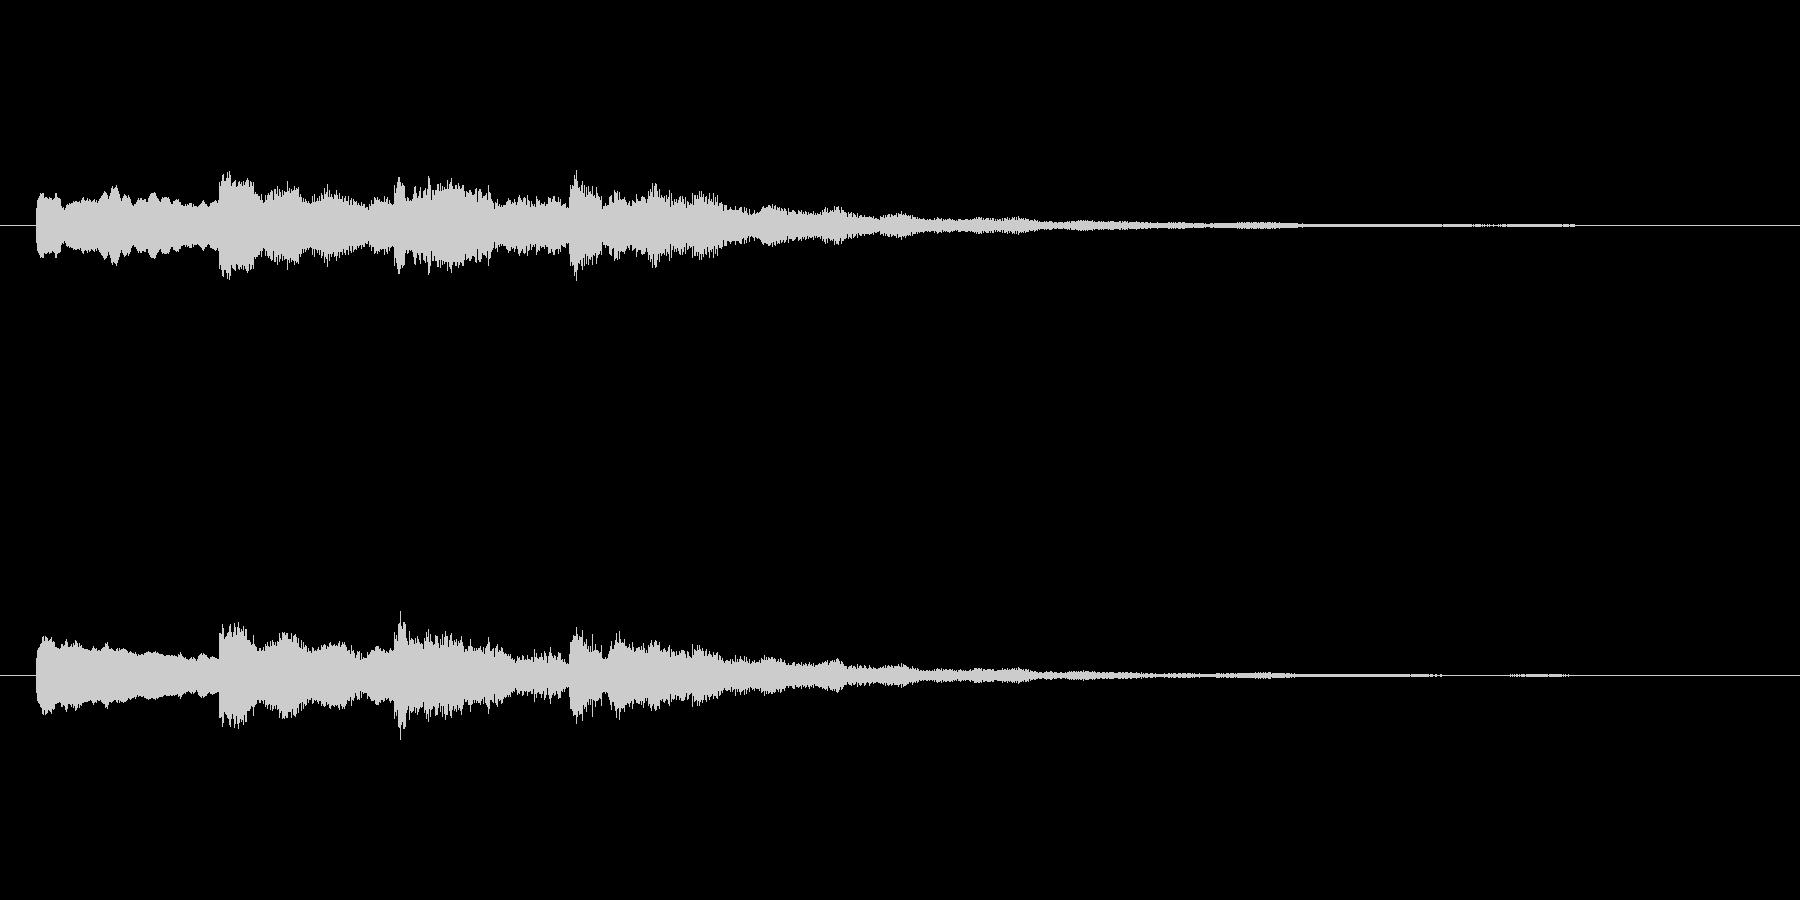 【チャイム 学校03-09】の未再生の波形